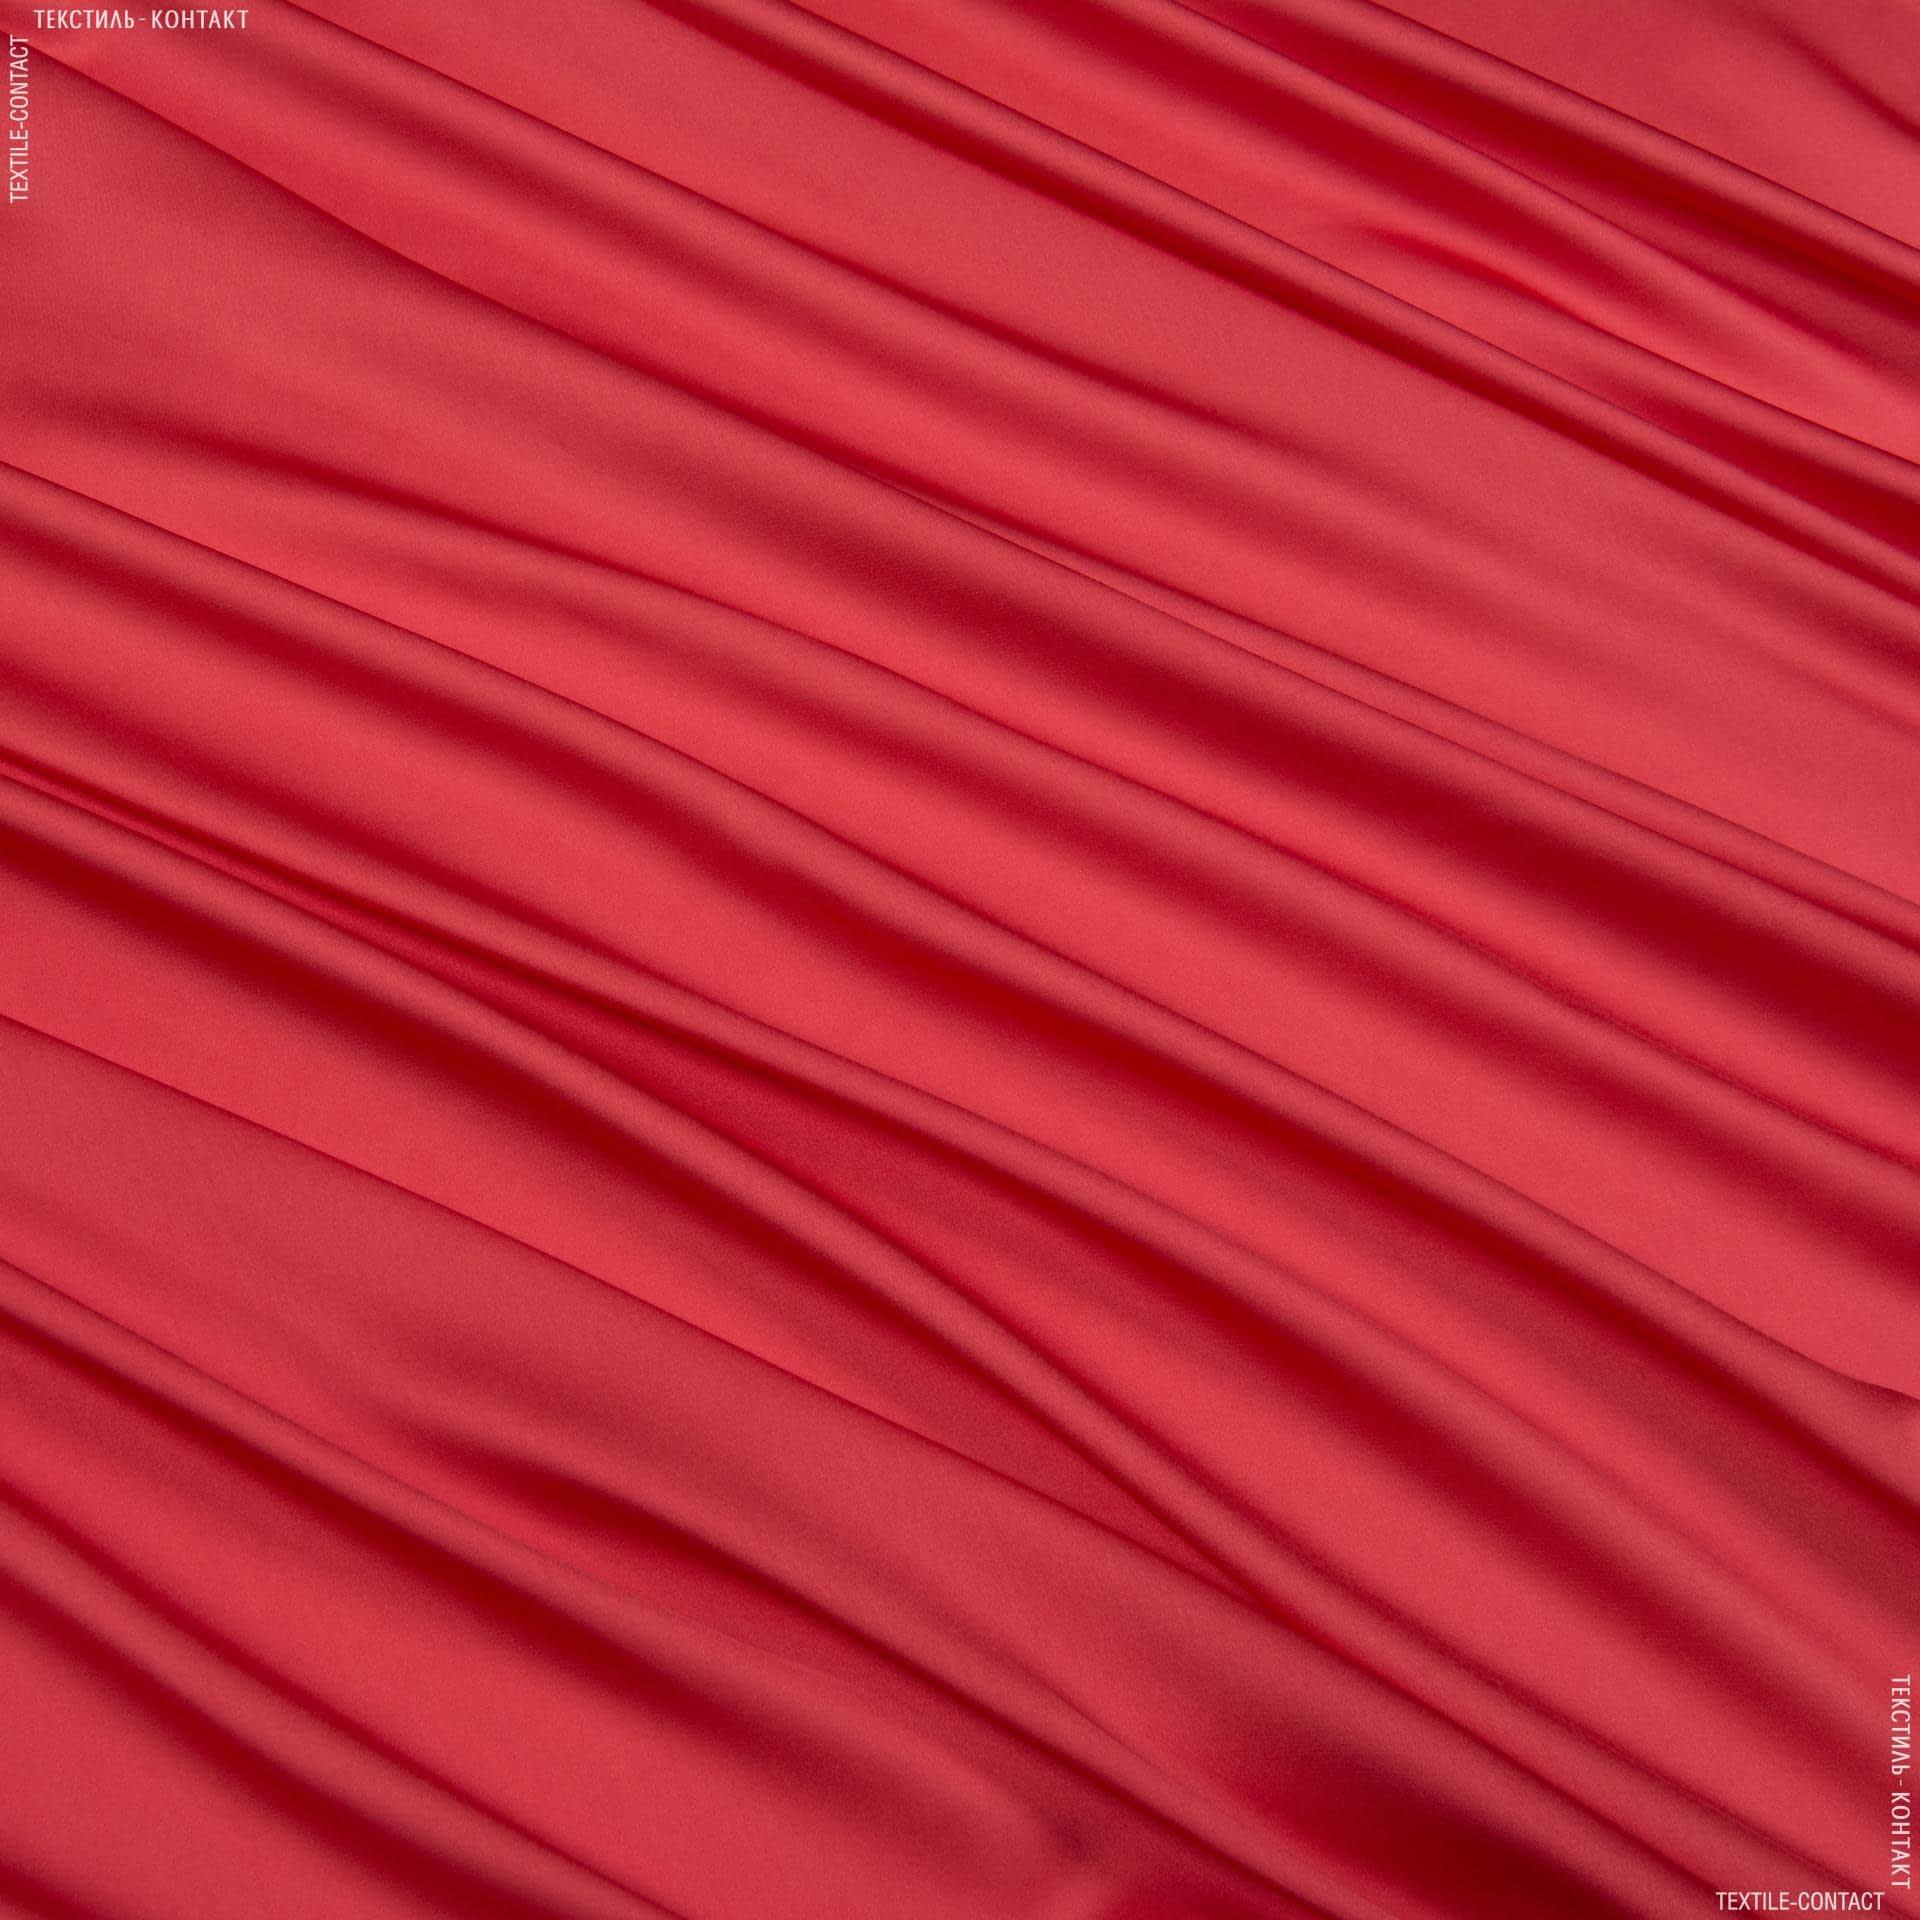 Тканини для хусток та бандан - Шовк штучний яскраво-червоний